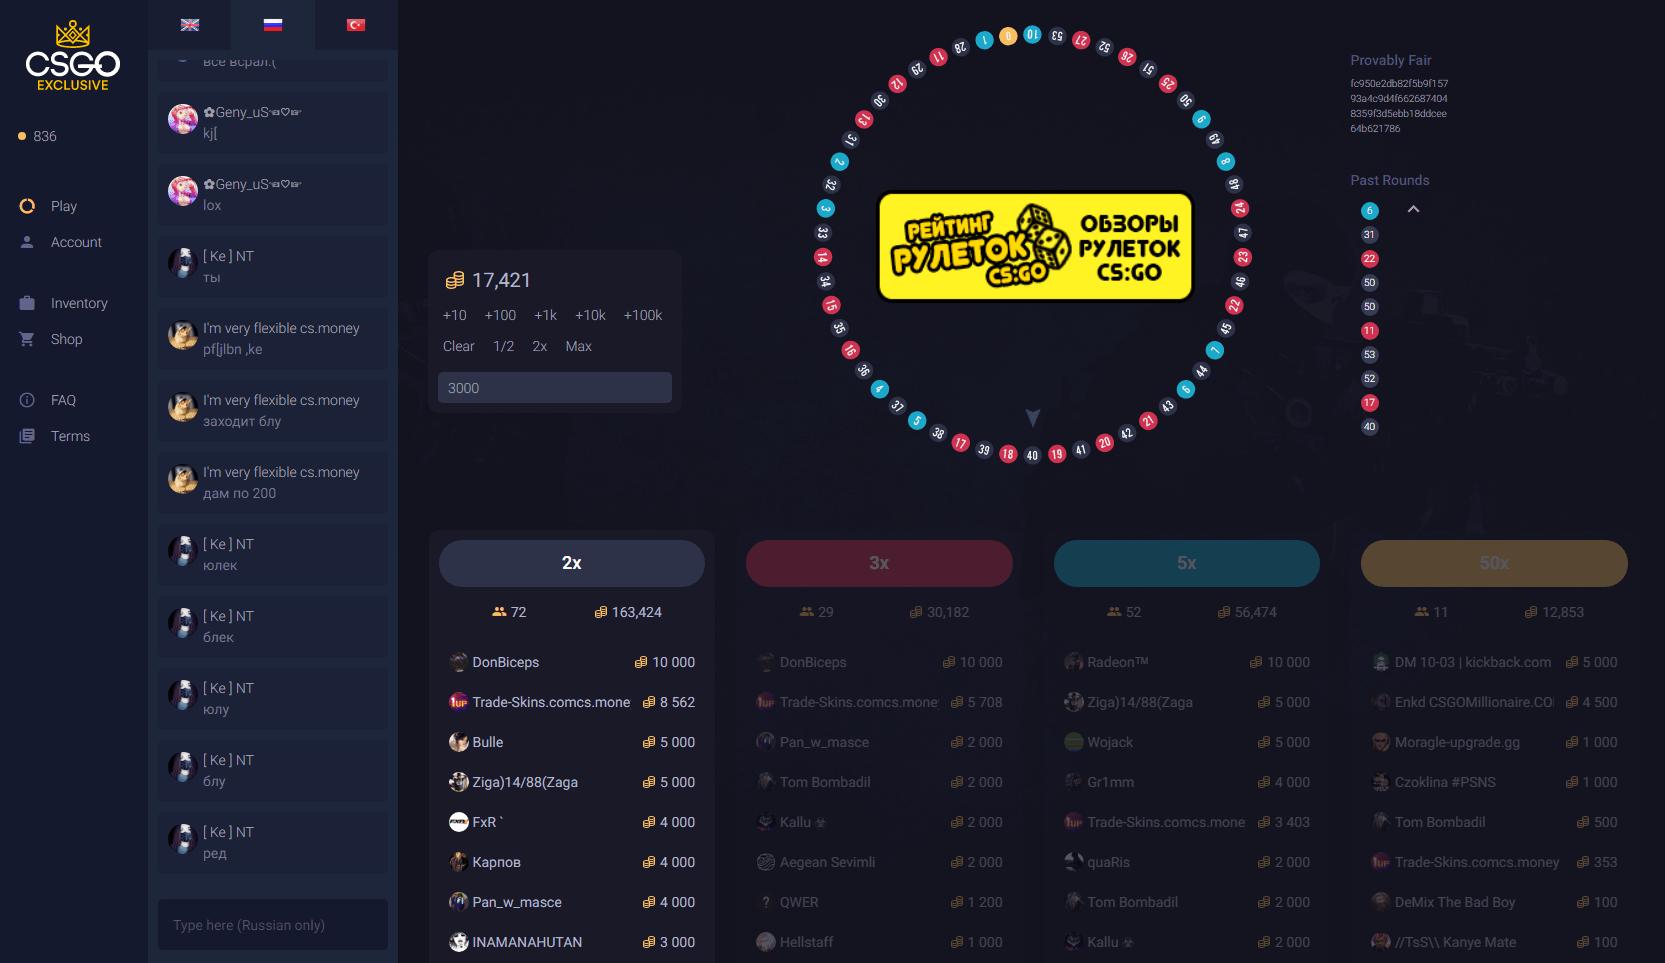 ruletki-kazino-ks-go-2018